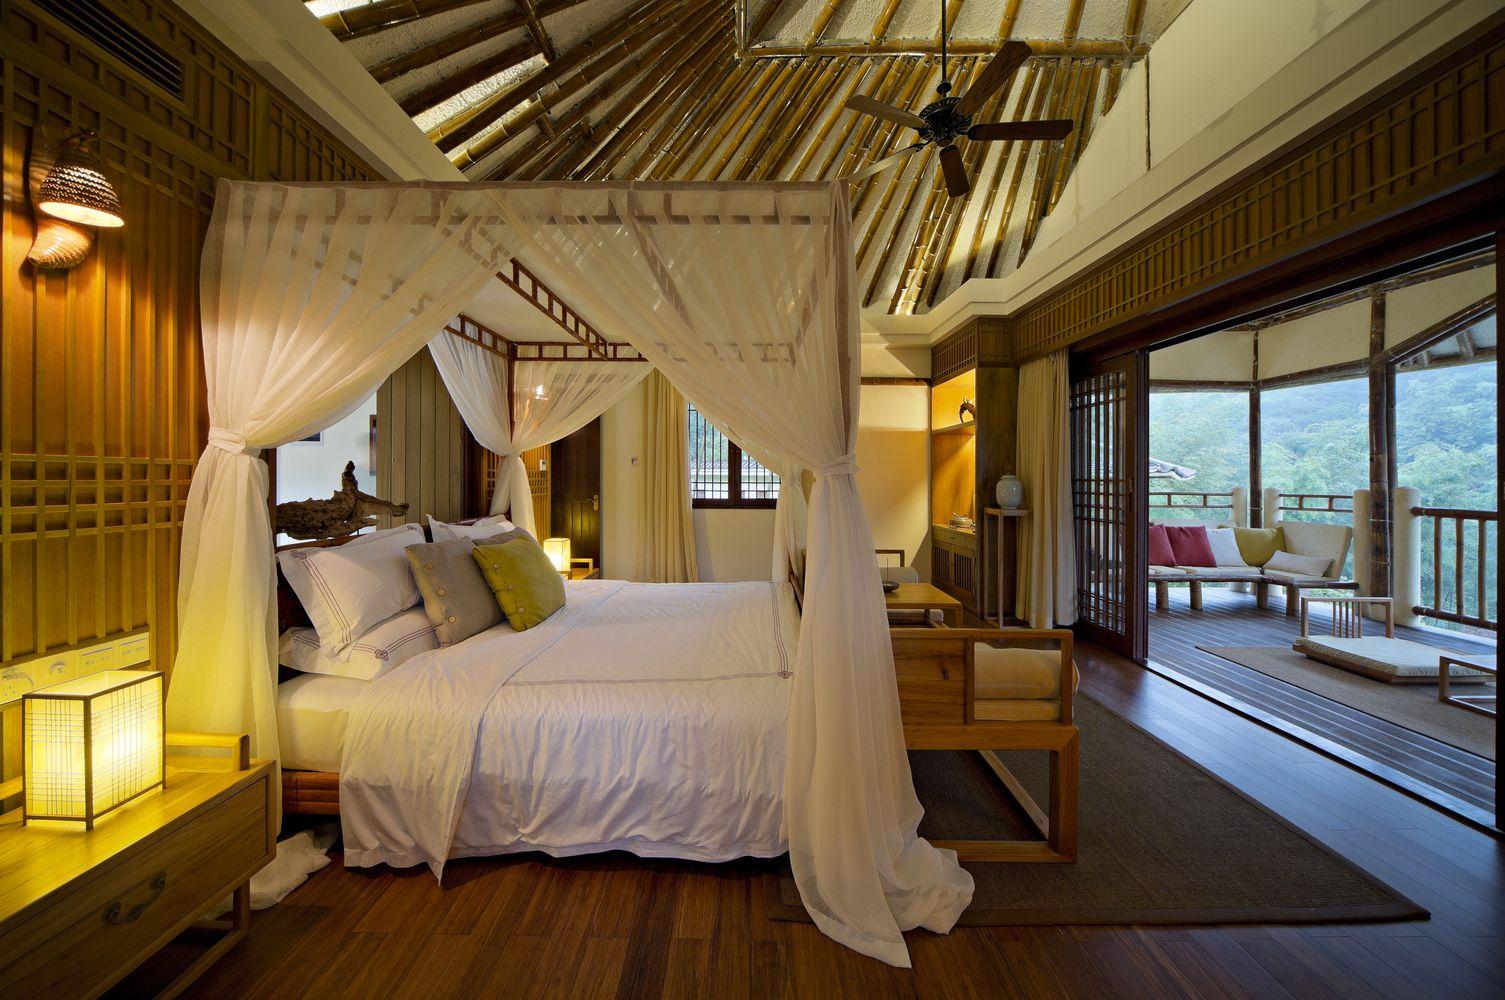 Gallery Of Bamboo Villa Live In The Nature C C Design 12 Con